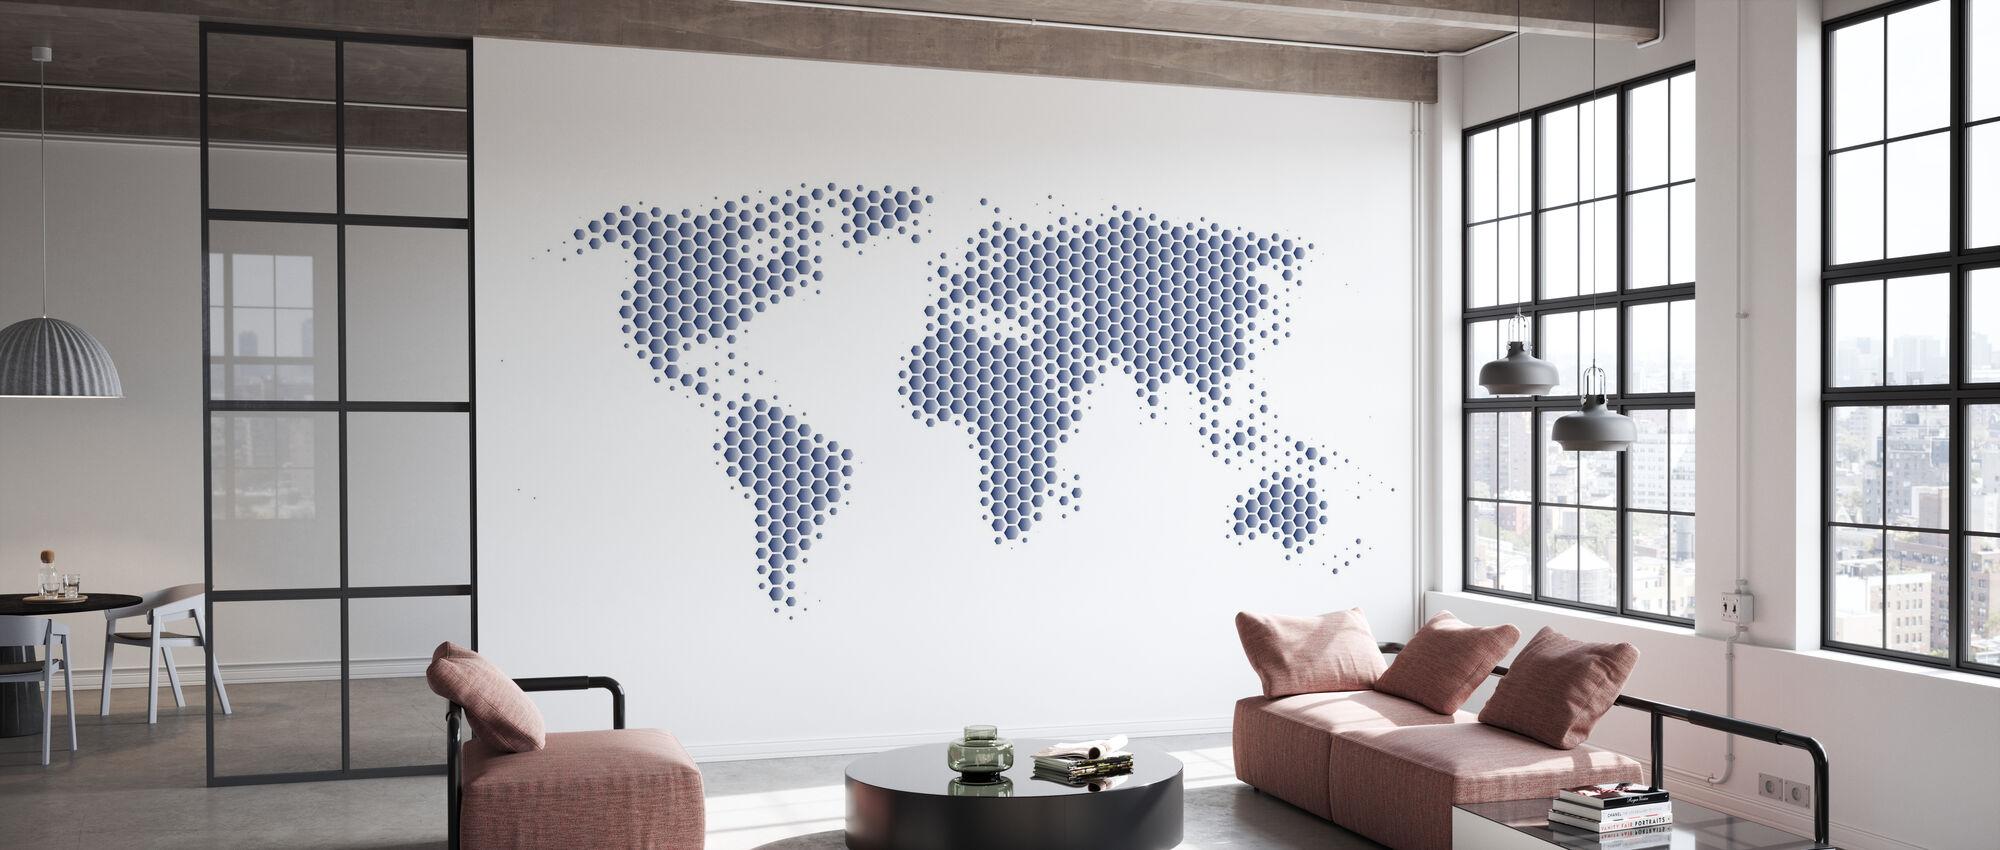 Weltkarte Metallblech - Stahl - Tapete - Büro